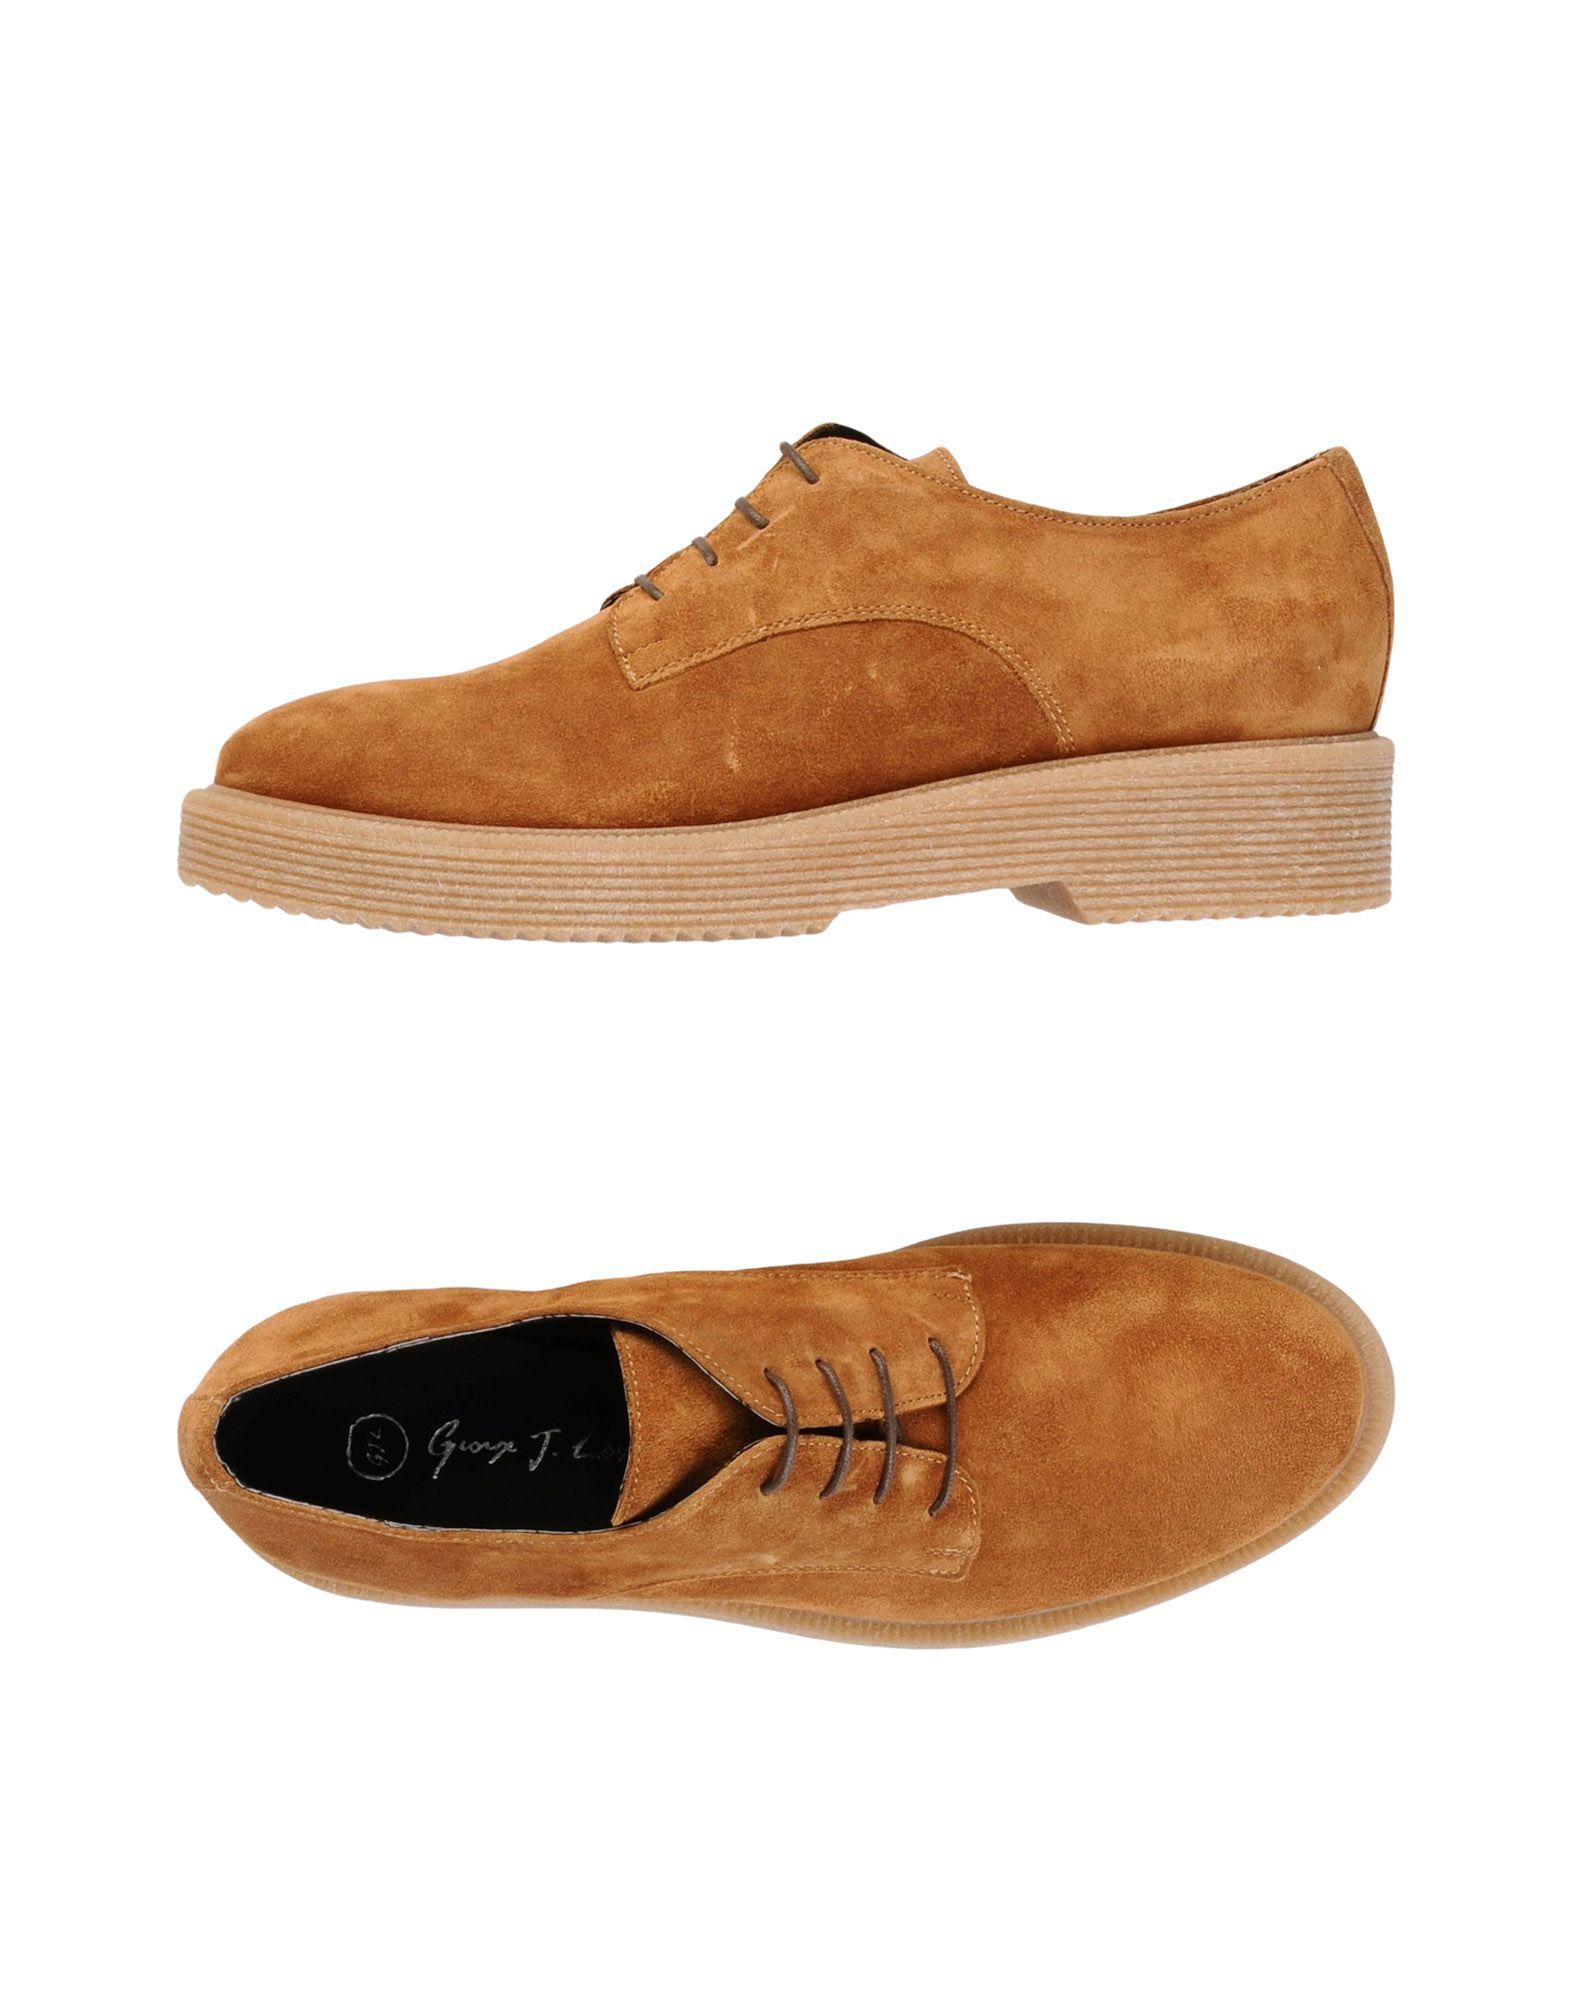 George J. Love Schnürschuhe Damen  11538429LX Gute Qualität beliebte Schuhe